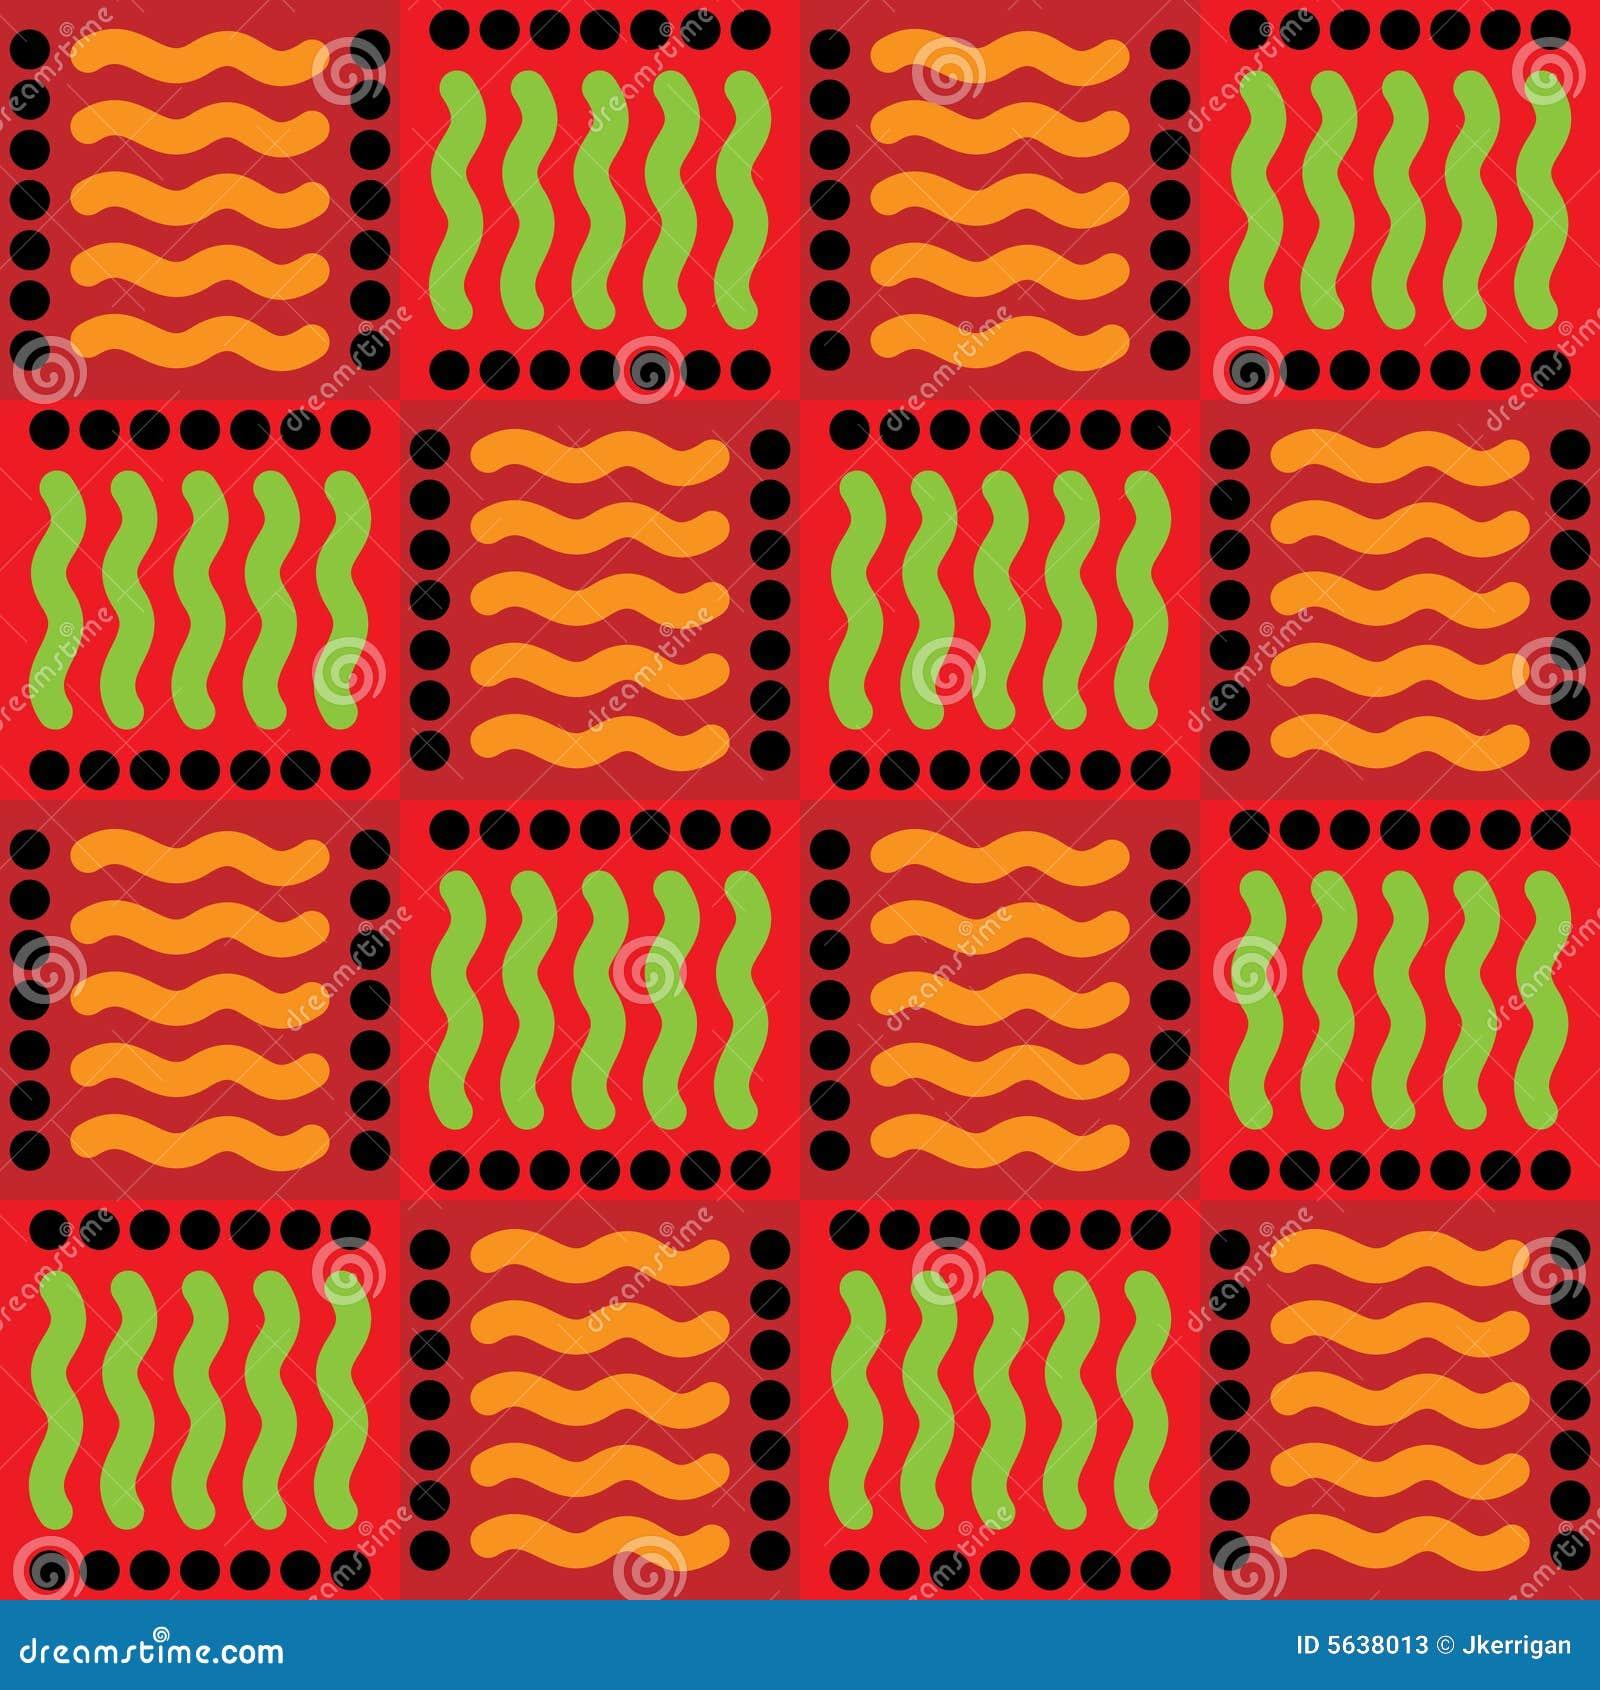 African Design Stock Photos - Image: 5638013